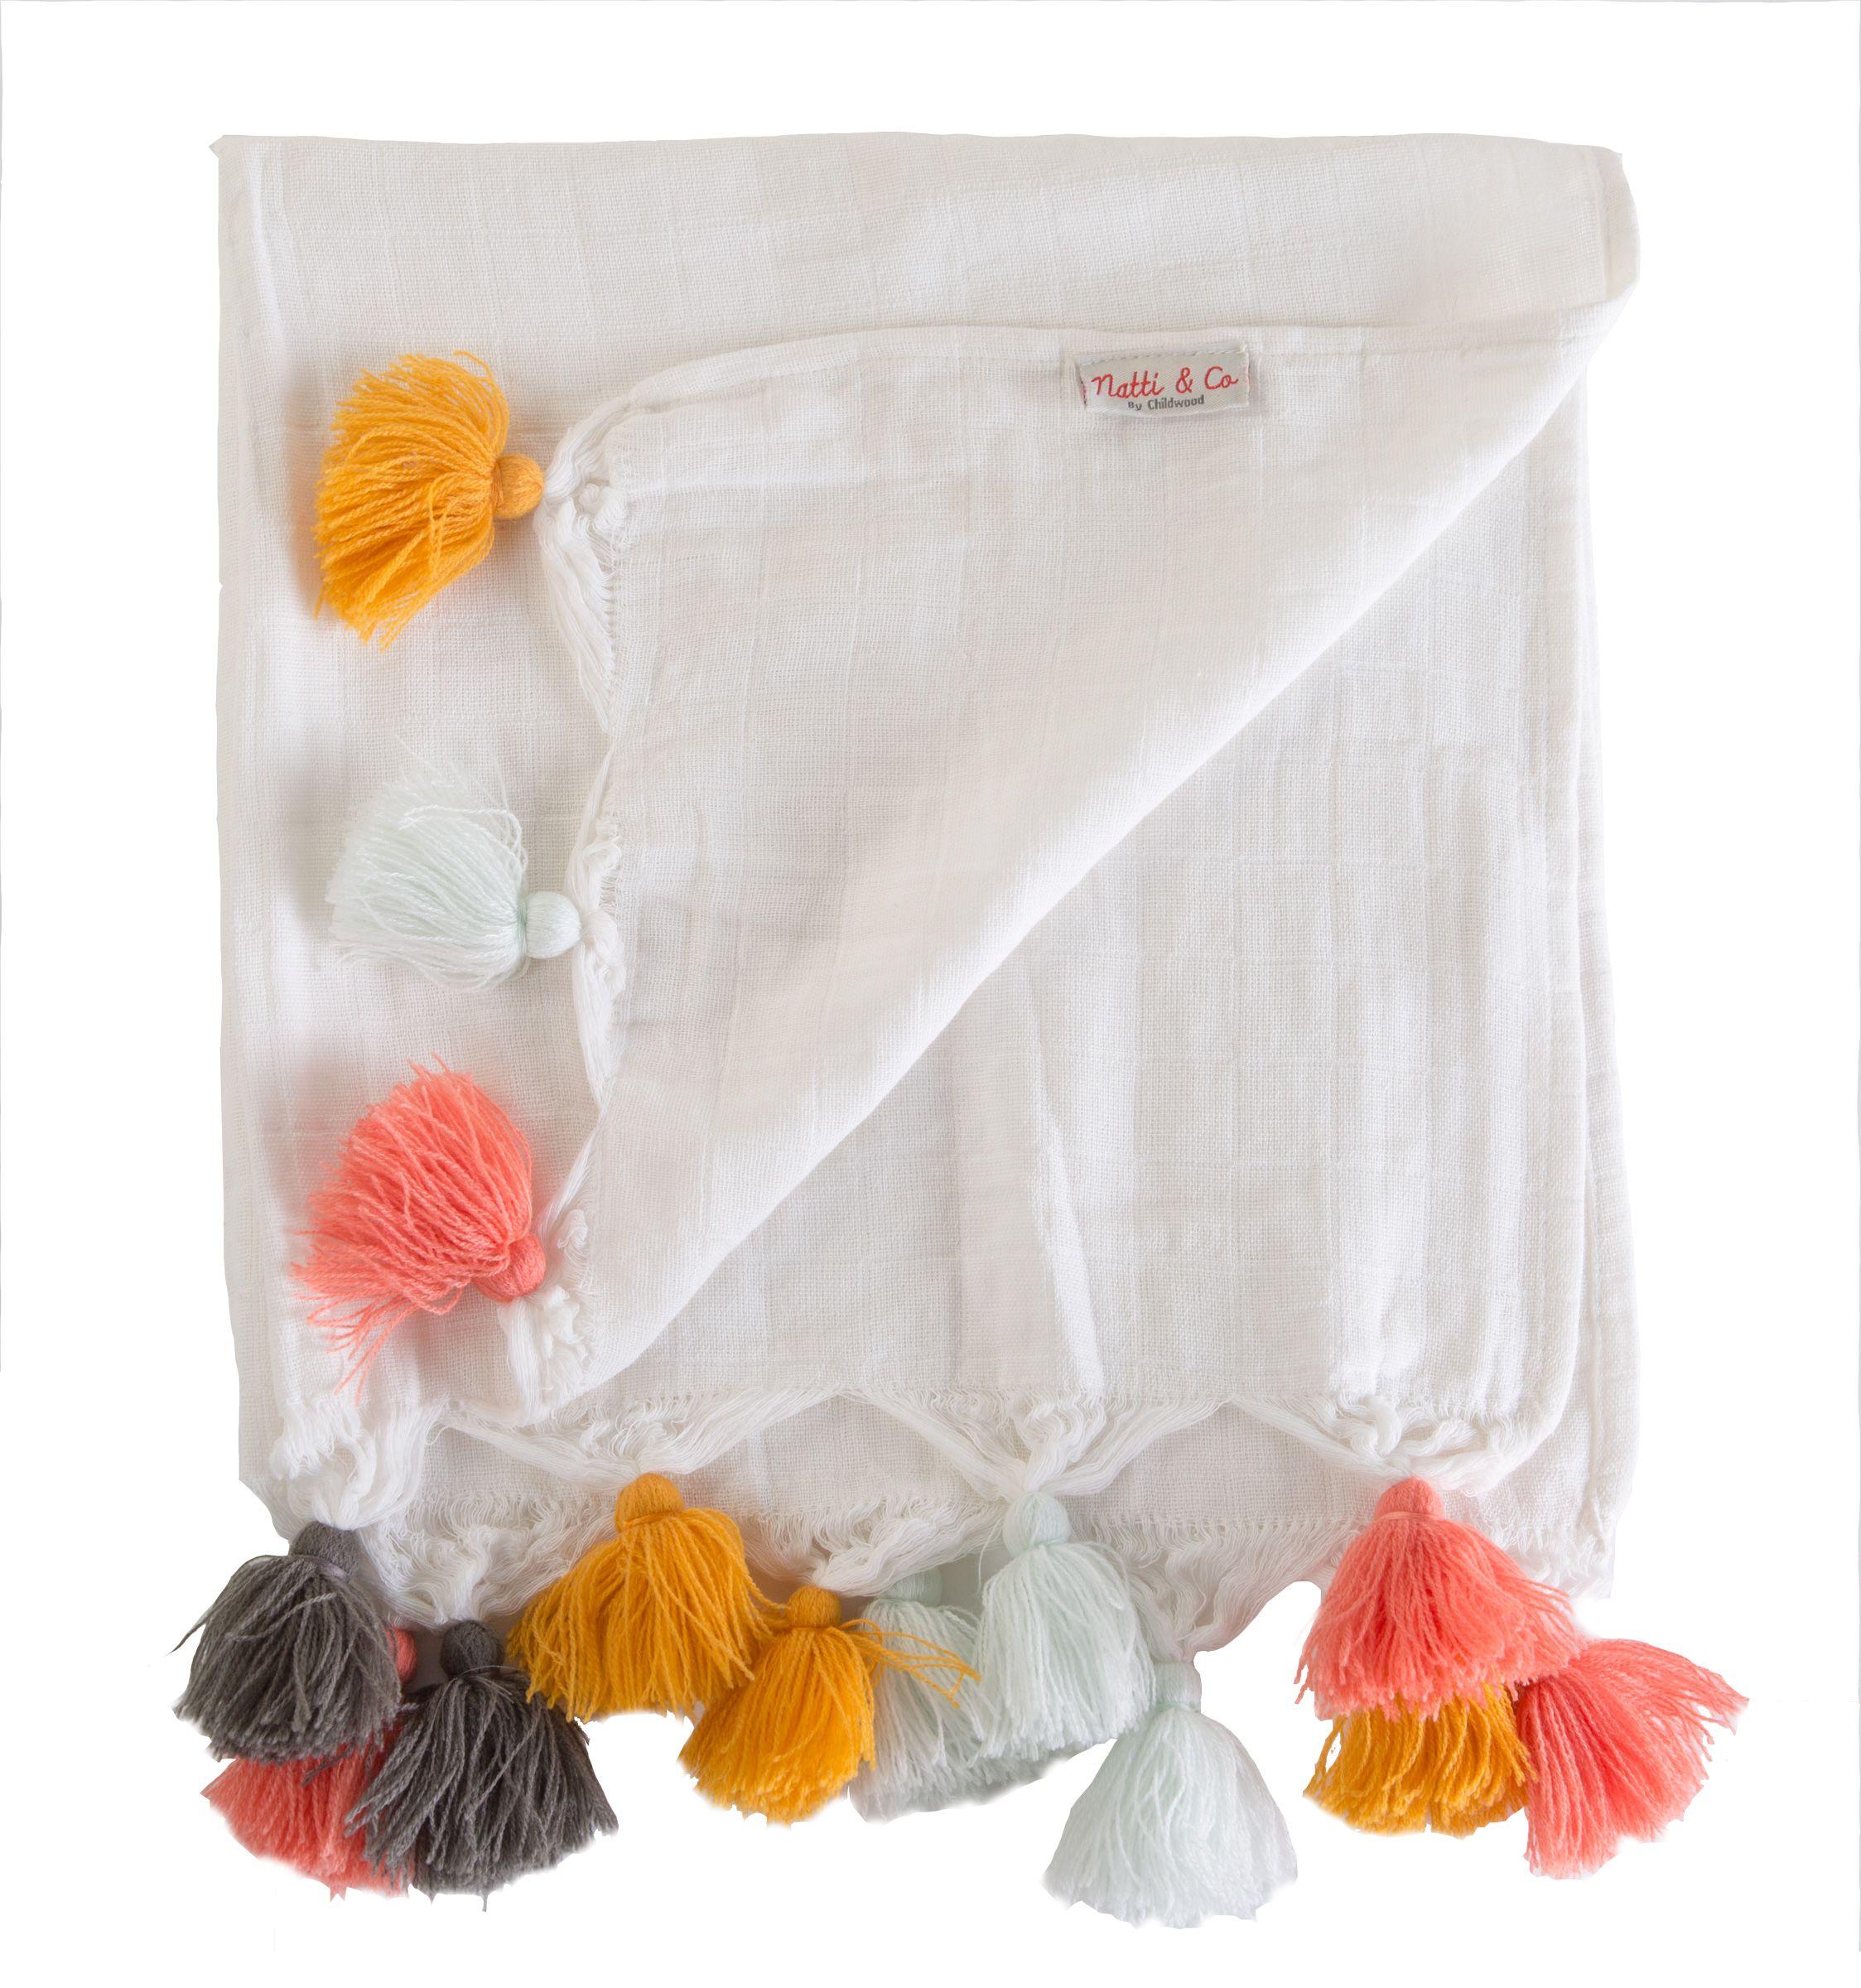 Langes tetra - coton blanc + pompons - 4 pièces